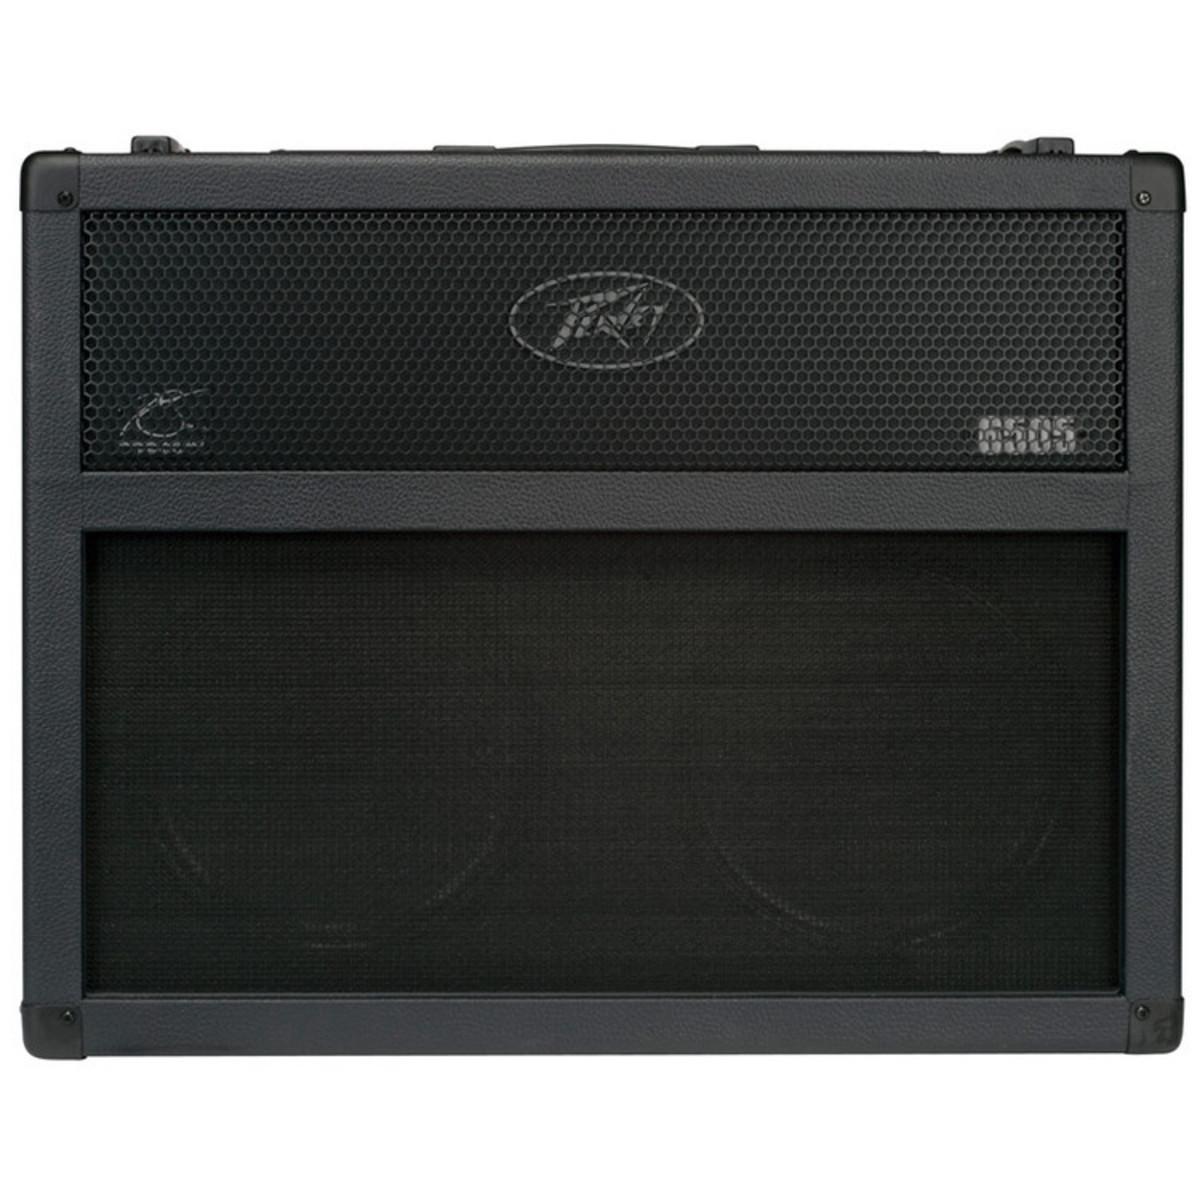 Amplificador Peavey - Troca de tensão